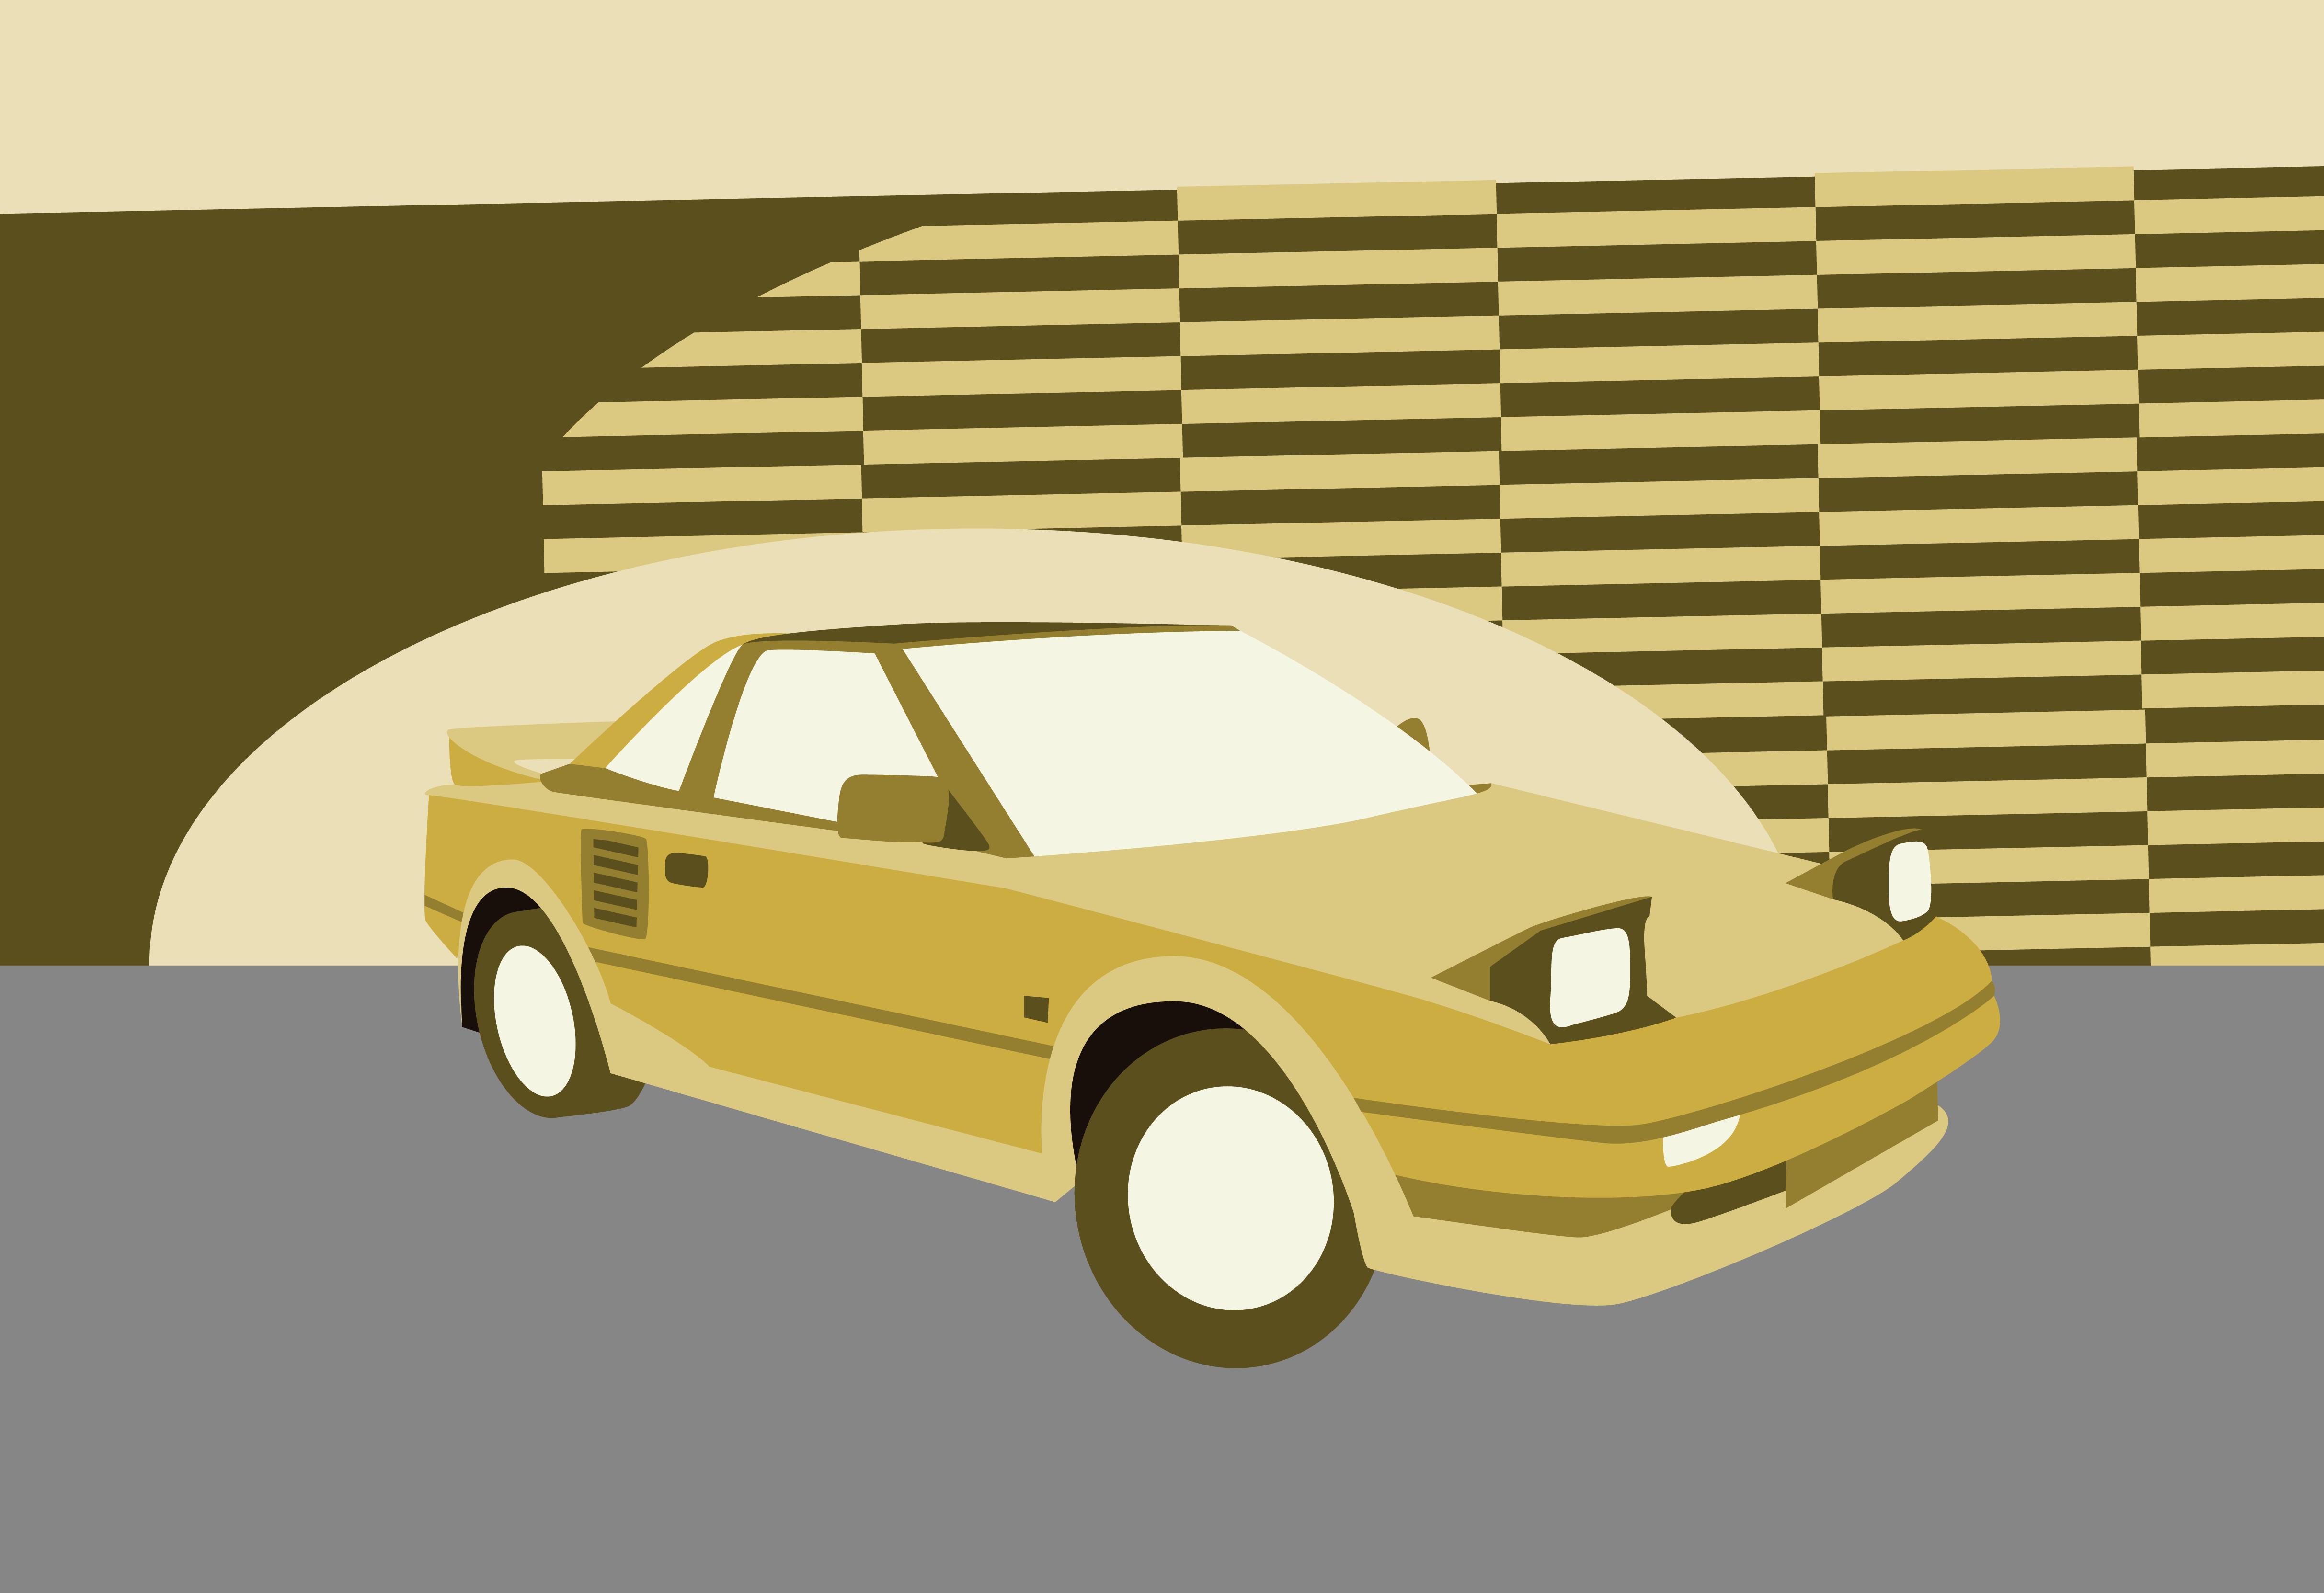 Toyota MR2 Mk1 illustration